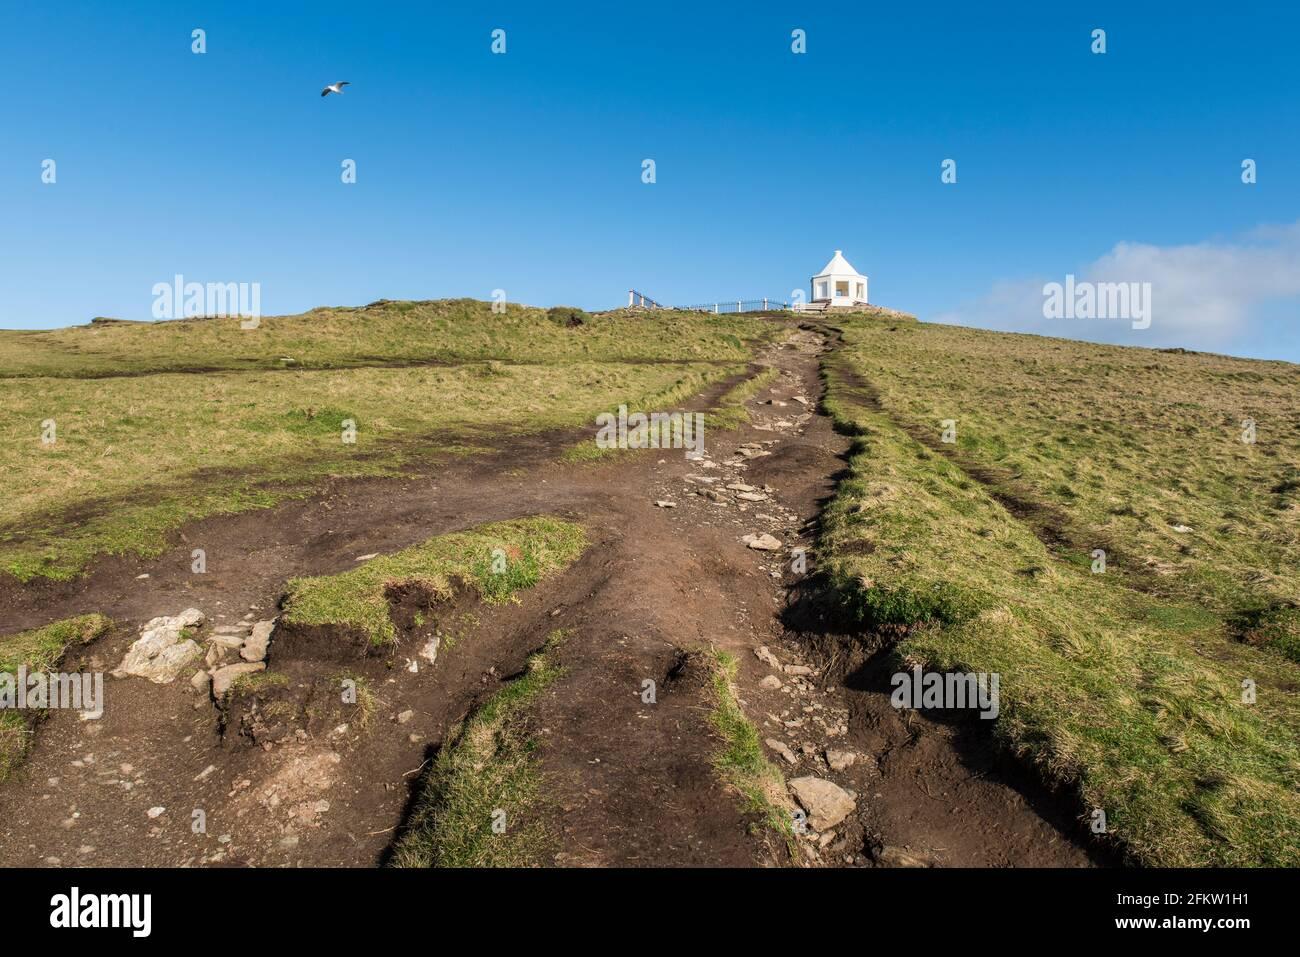 Le sentier érodé et endommagé menant au bâtiment d'observation sur le sommet de Towan Head à Newquay, dans les Cornouailles. Banque D'Images